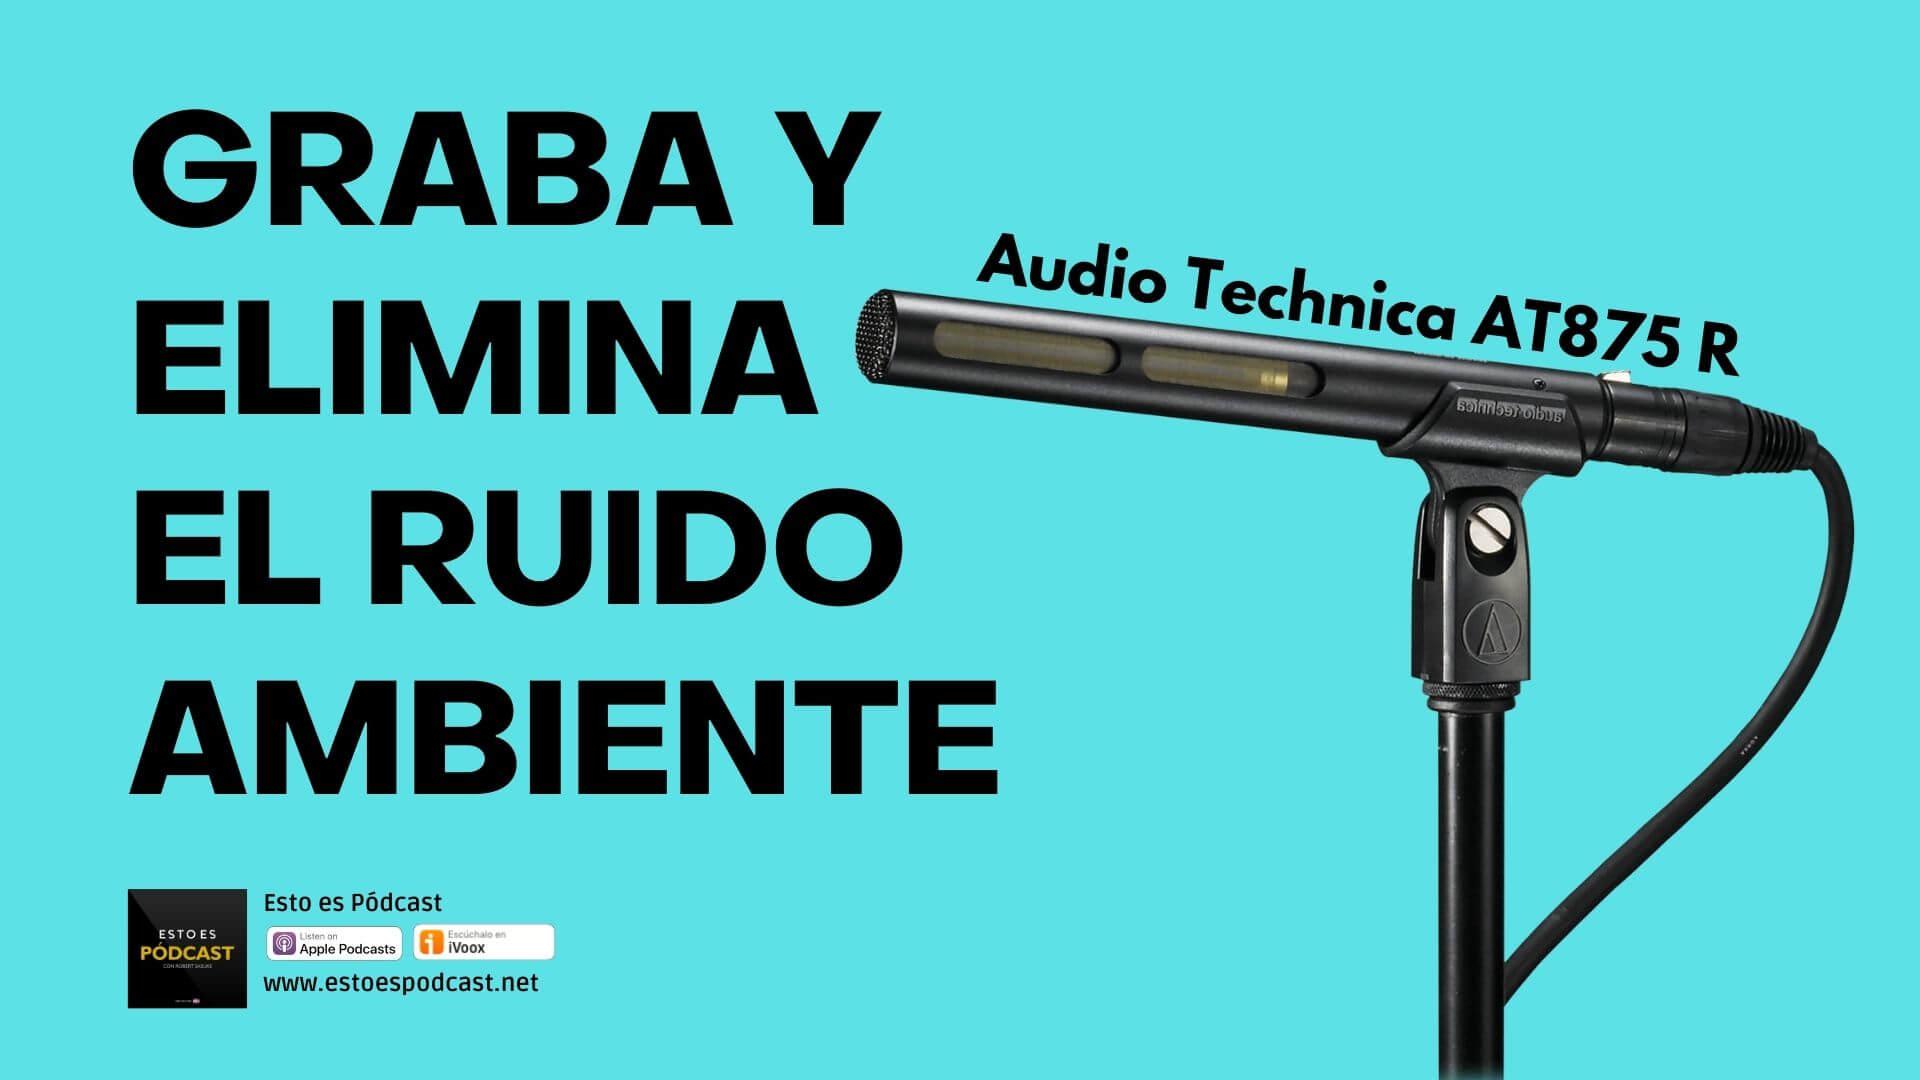 105. Graba y reduce el ruido de fondo al mínimo con el Micrófono AT875R